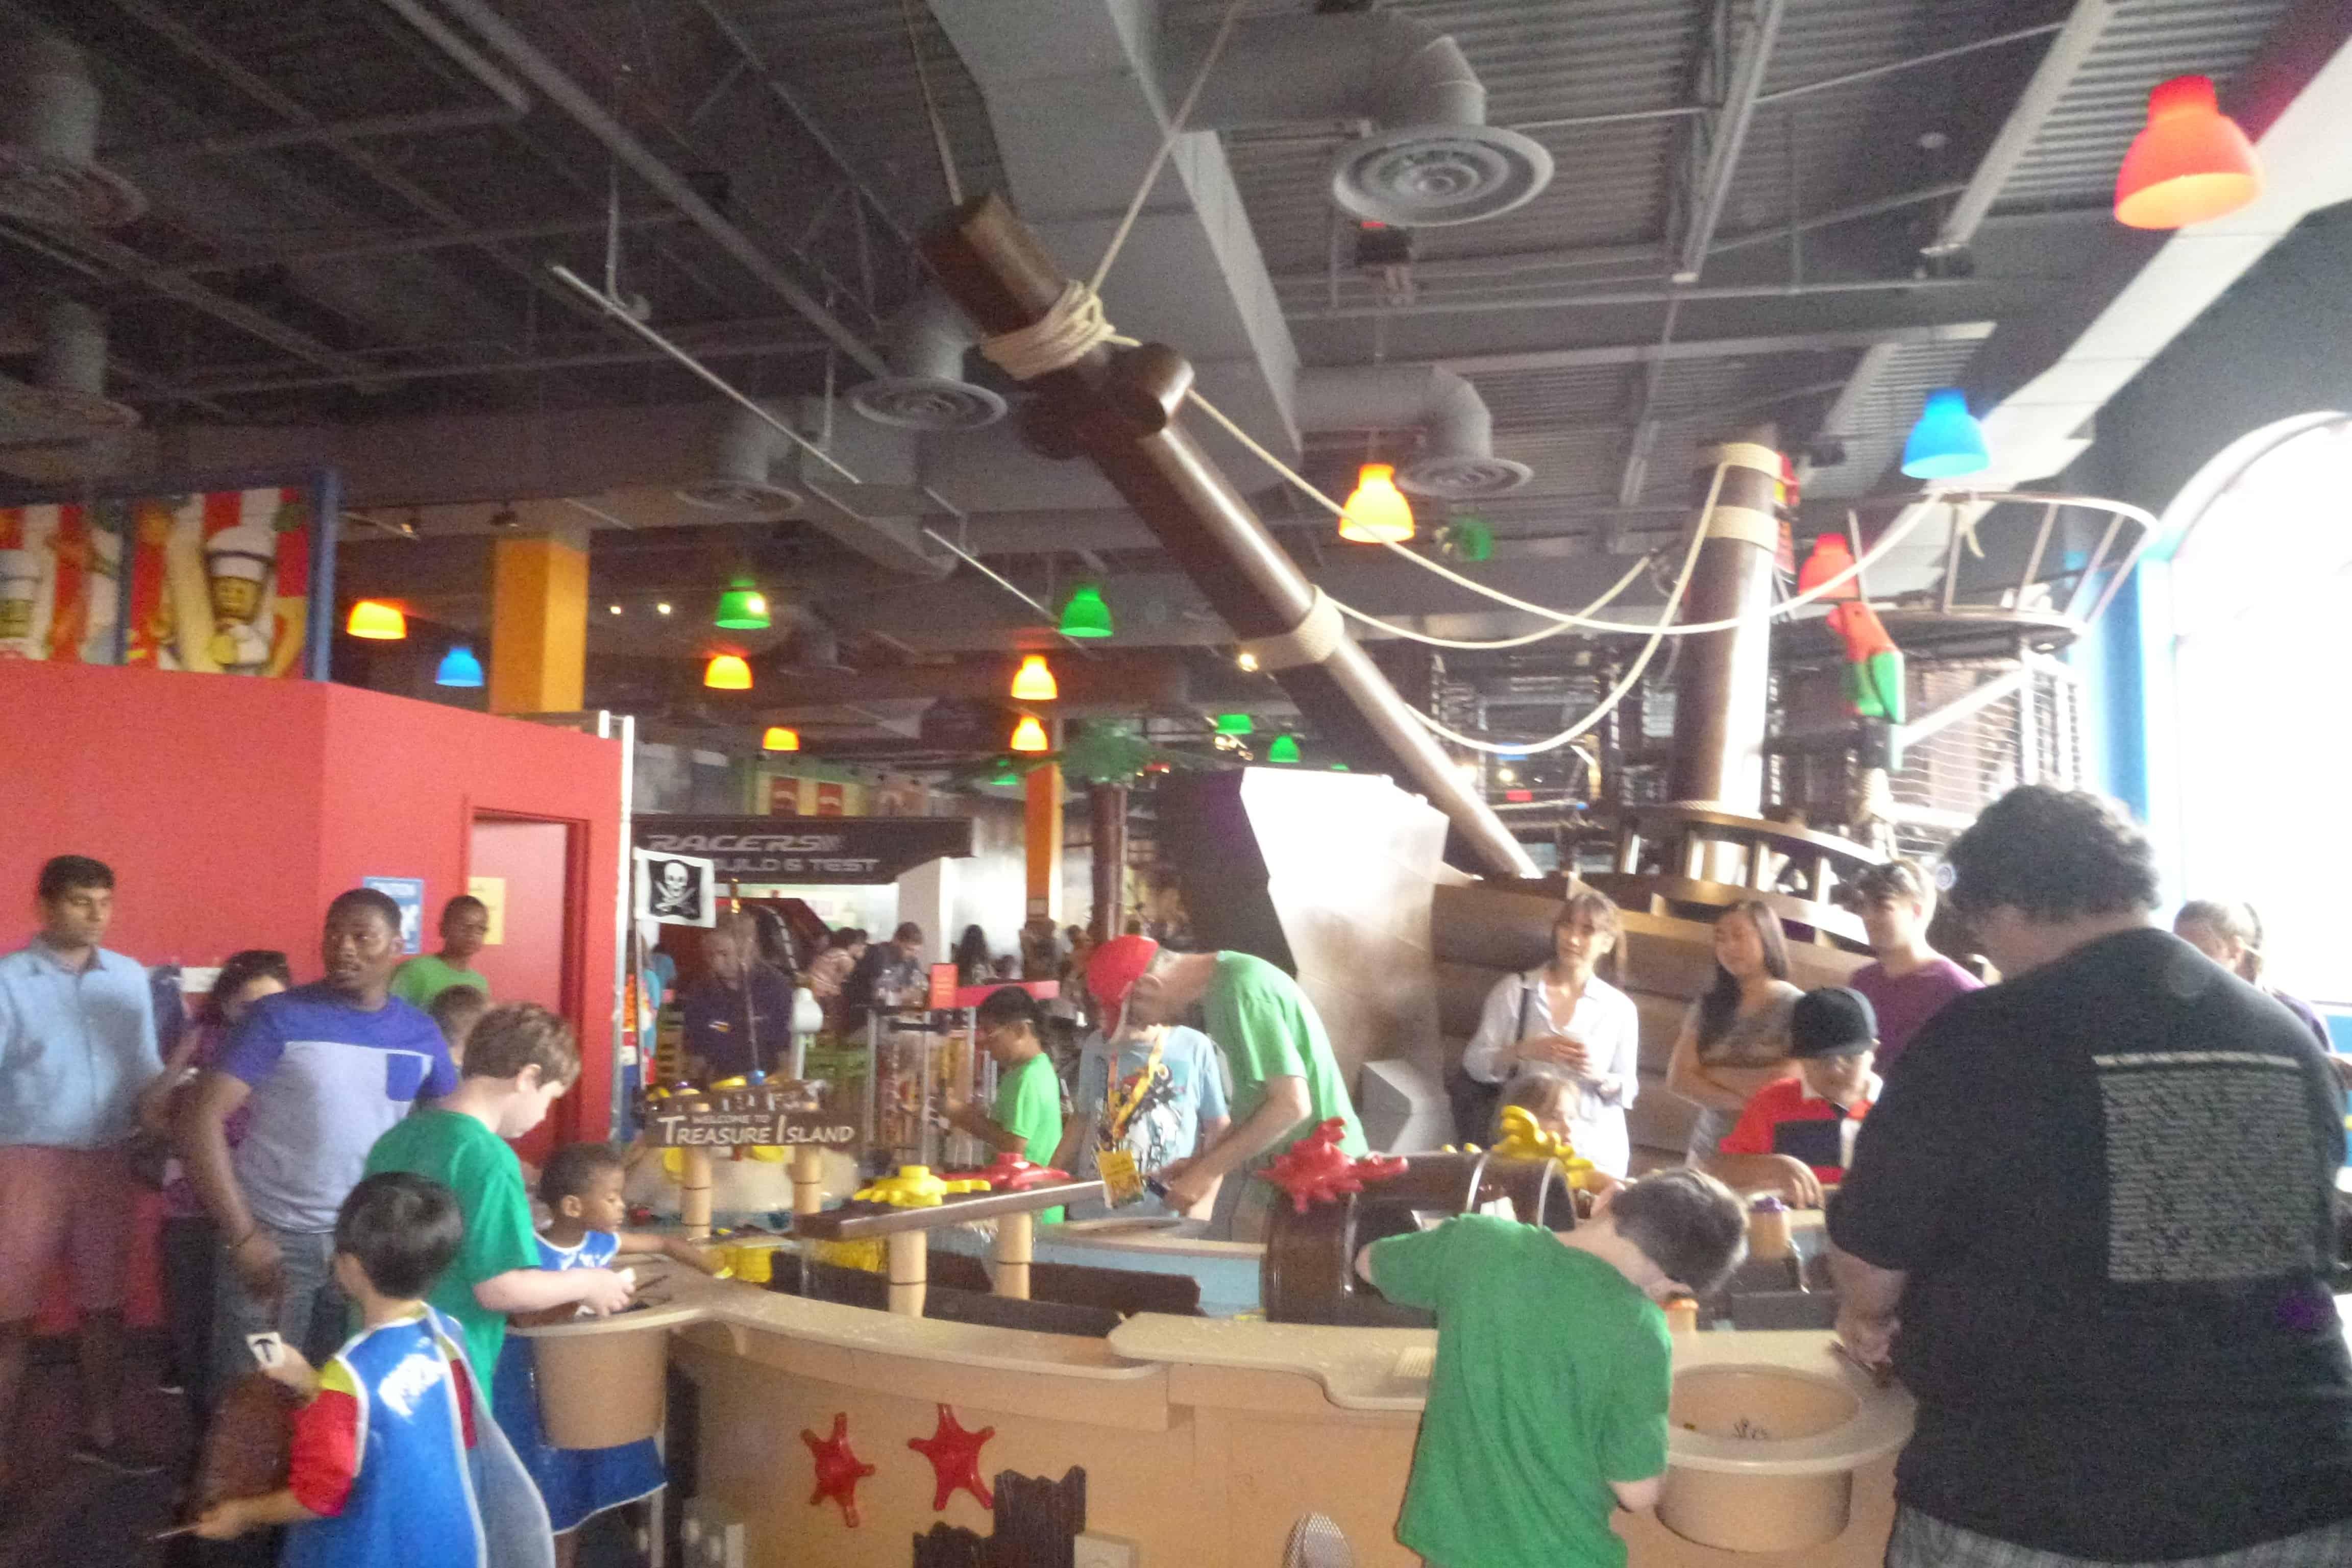 Legoland Chicago Pirate Adventure Island Exhibit